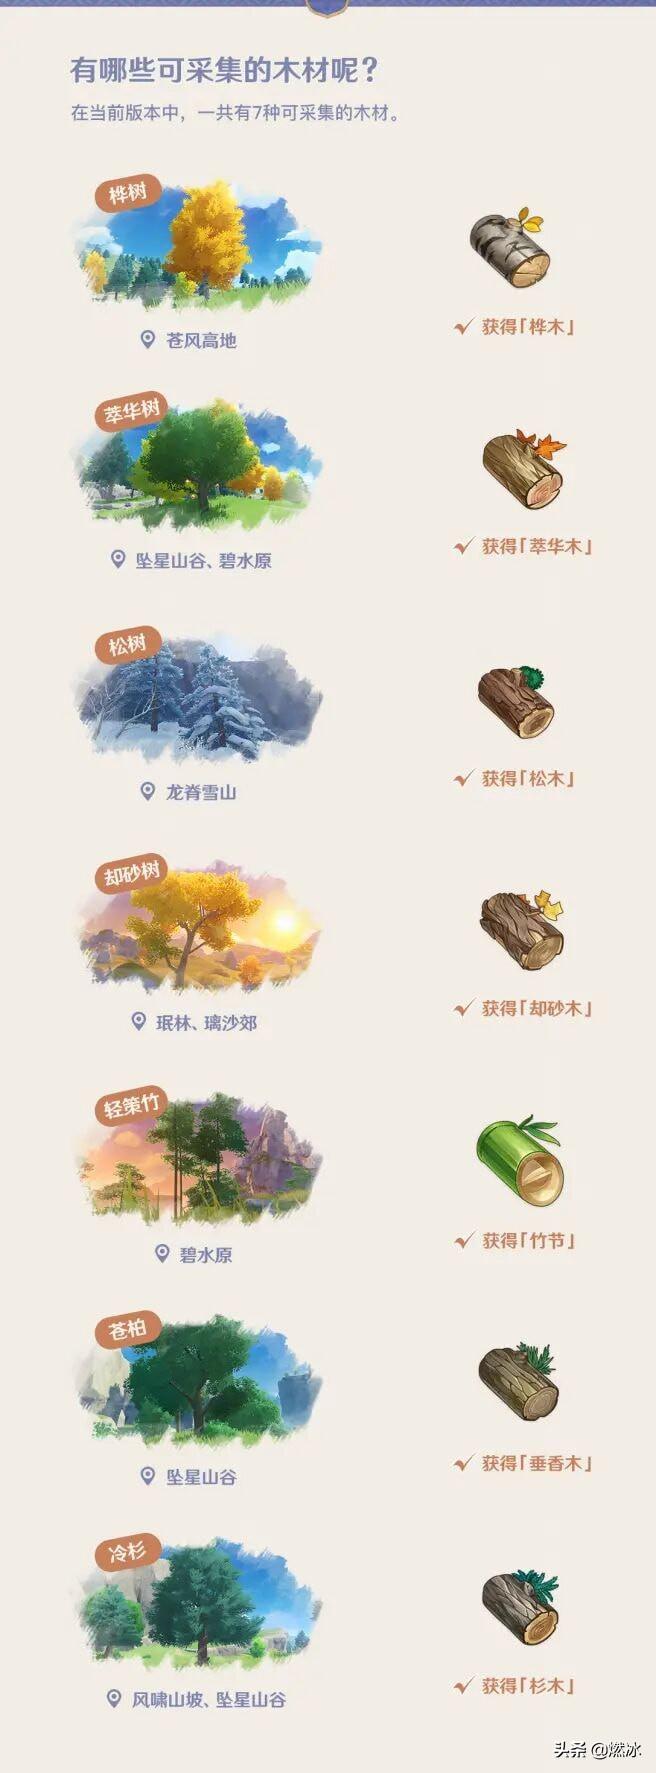 原神砍树攻略分享 原神木头材料分布一览